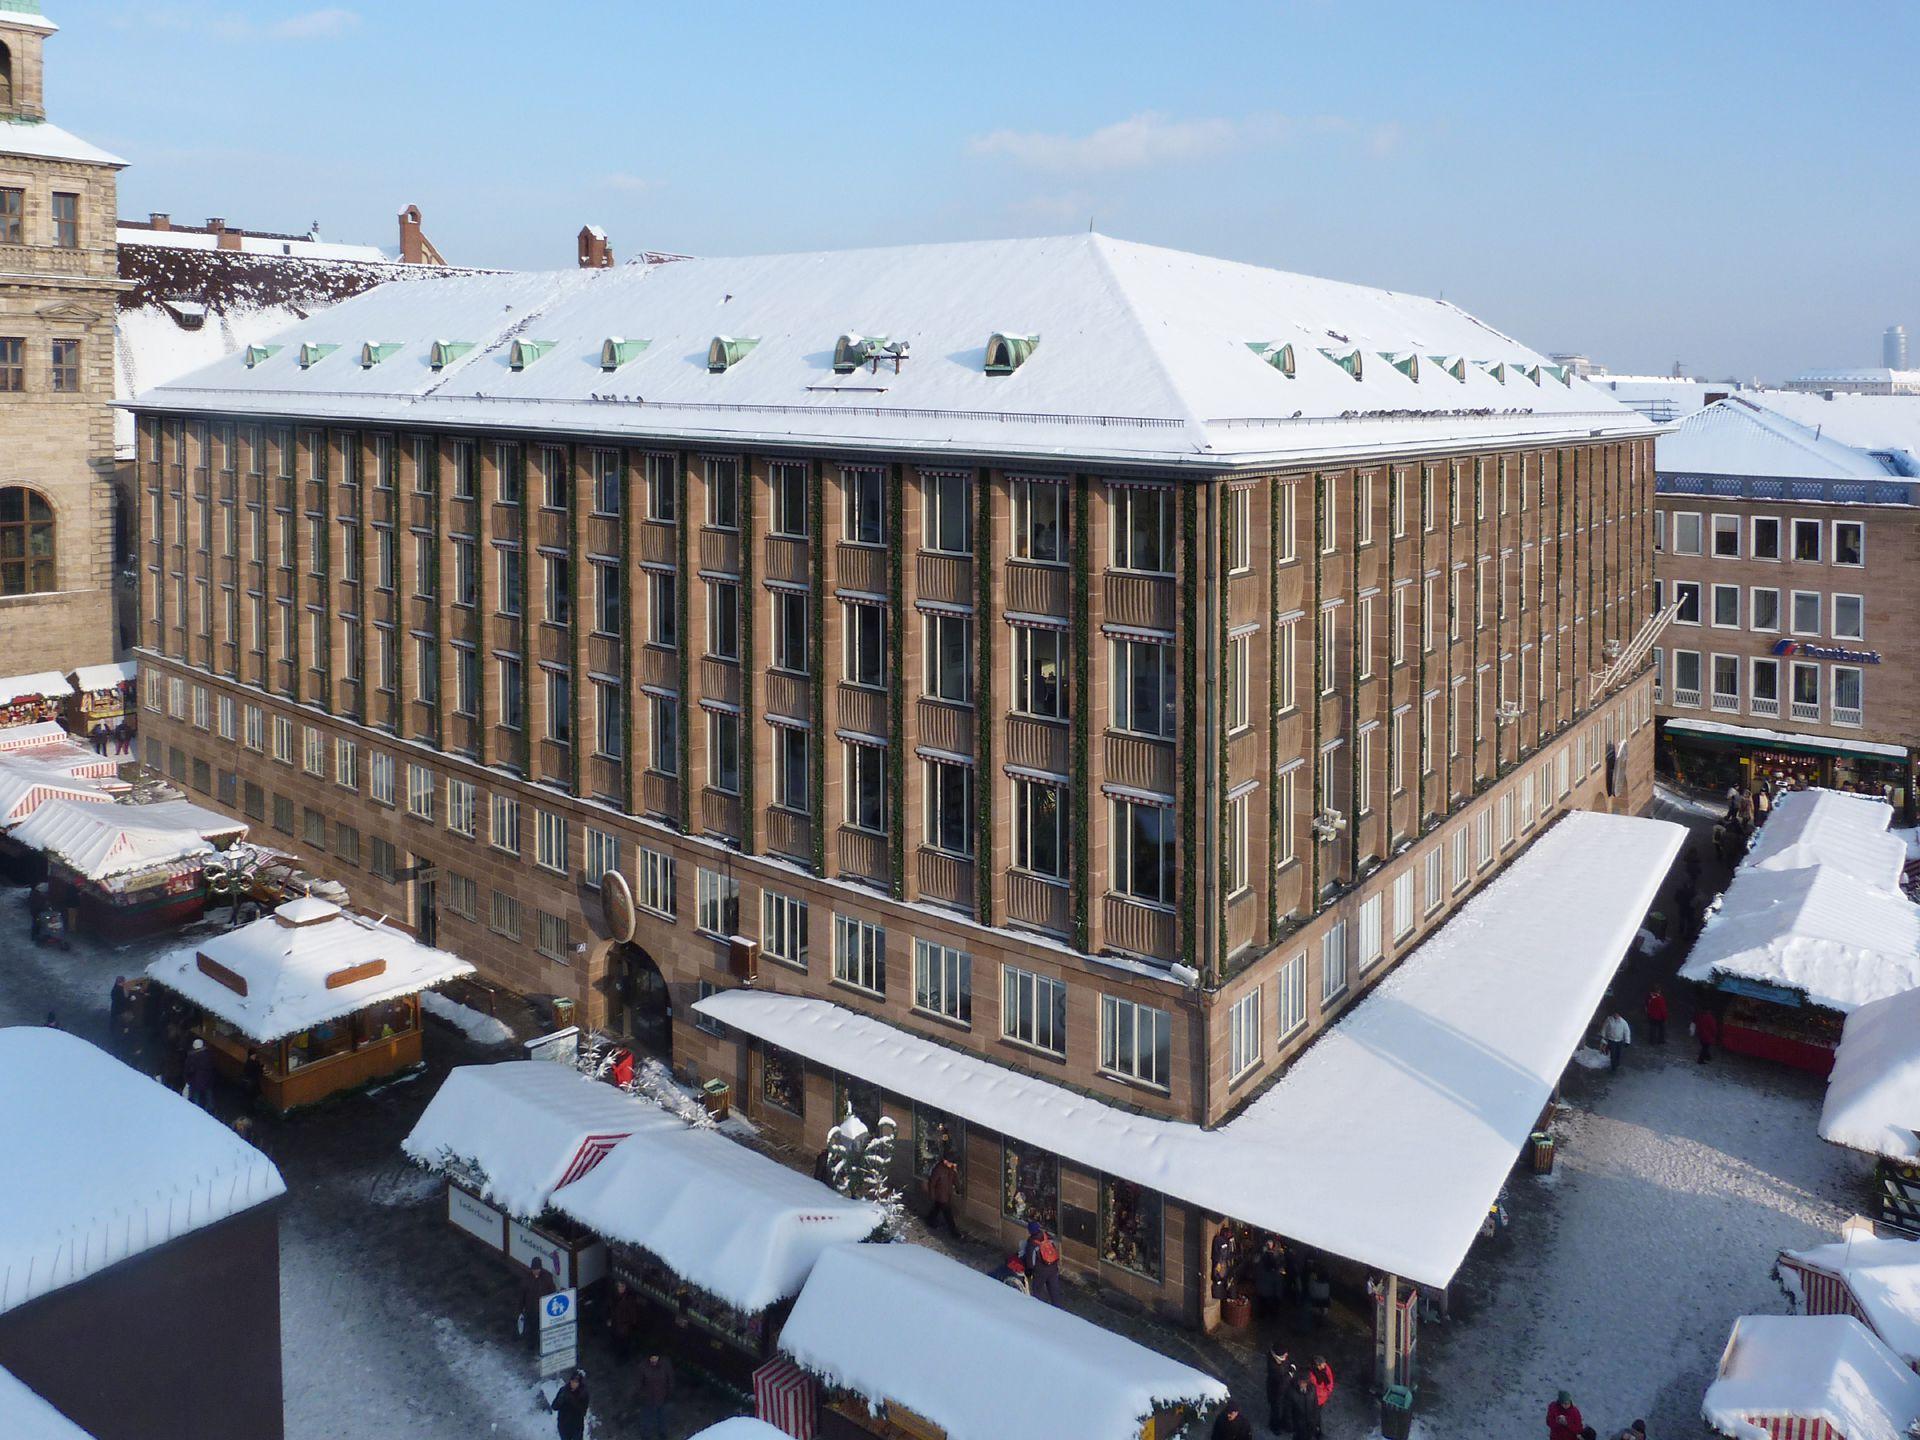 Neues Rathaus am Hauptmarkt Gesamtansicht von SW, Winter